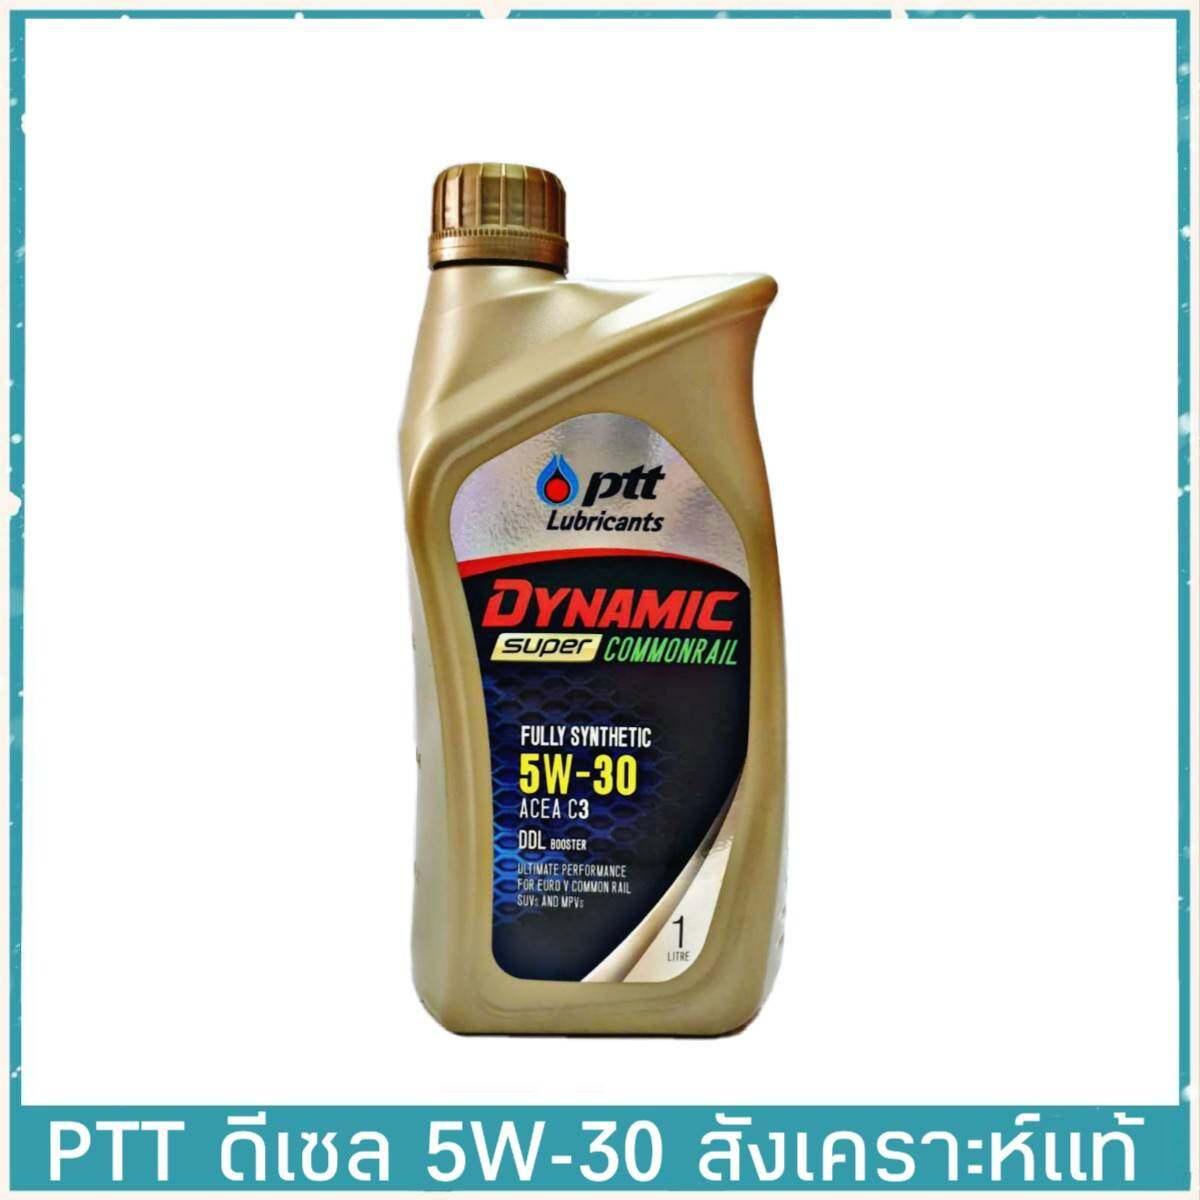 ปตท คอมมอนเรล ซินเทติก 5W-30 1ลิตร สังเคราะห์แท้ 100% PTT commonrail synthetic100%